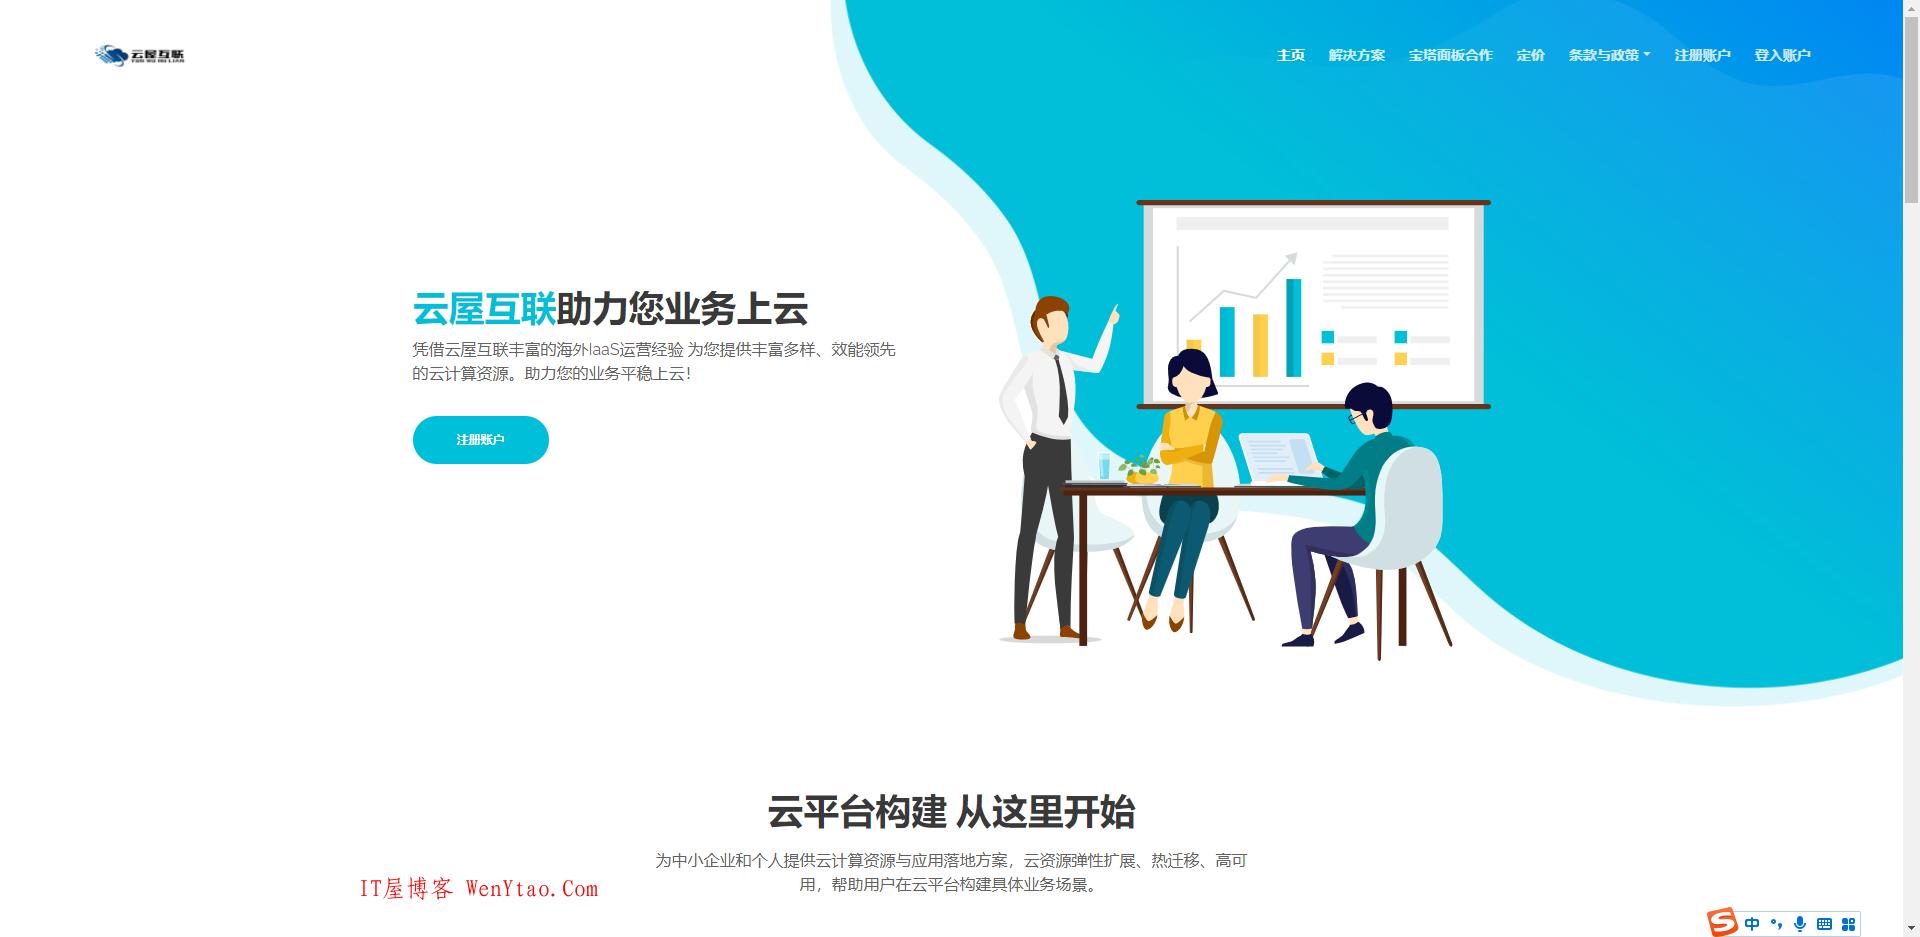 智简魔方财务系统模板 蓝色清新模板-魔方财务模板带宝塔页面